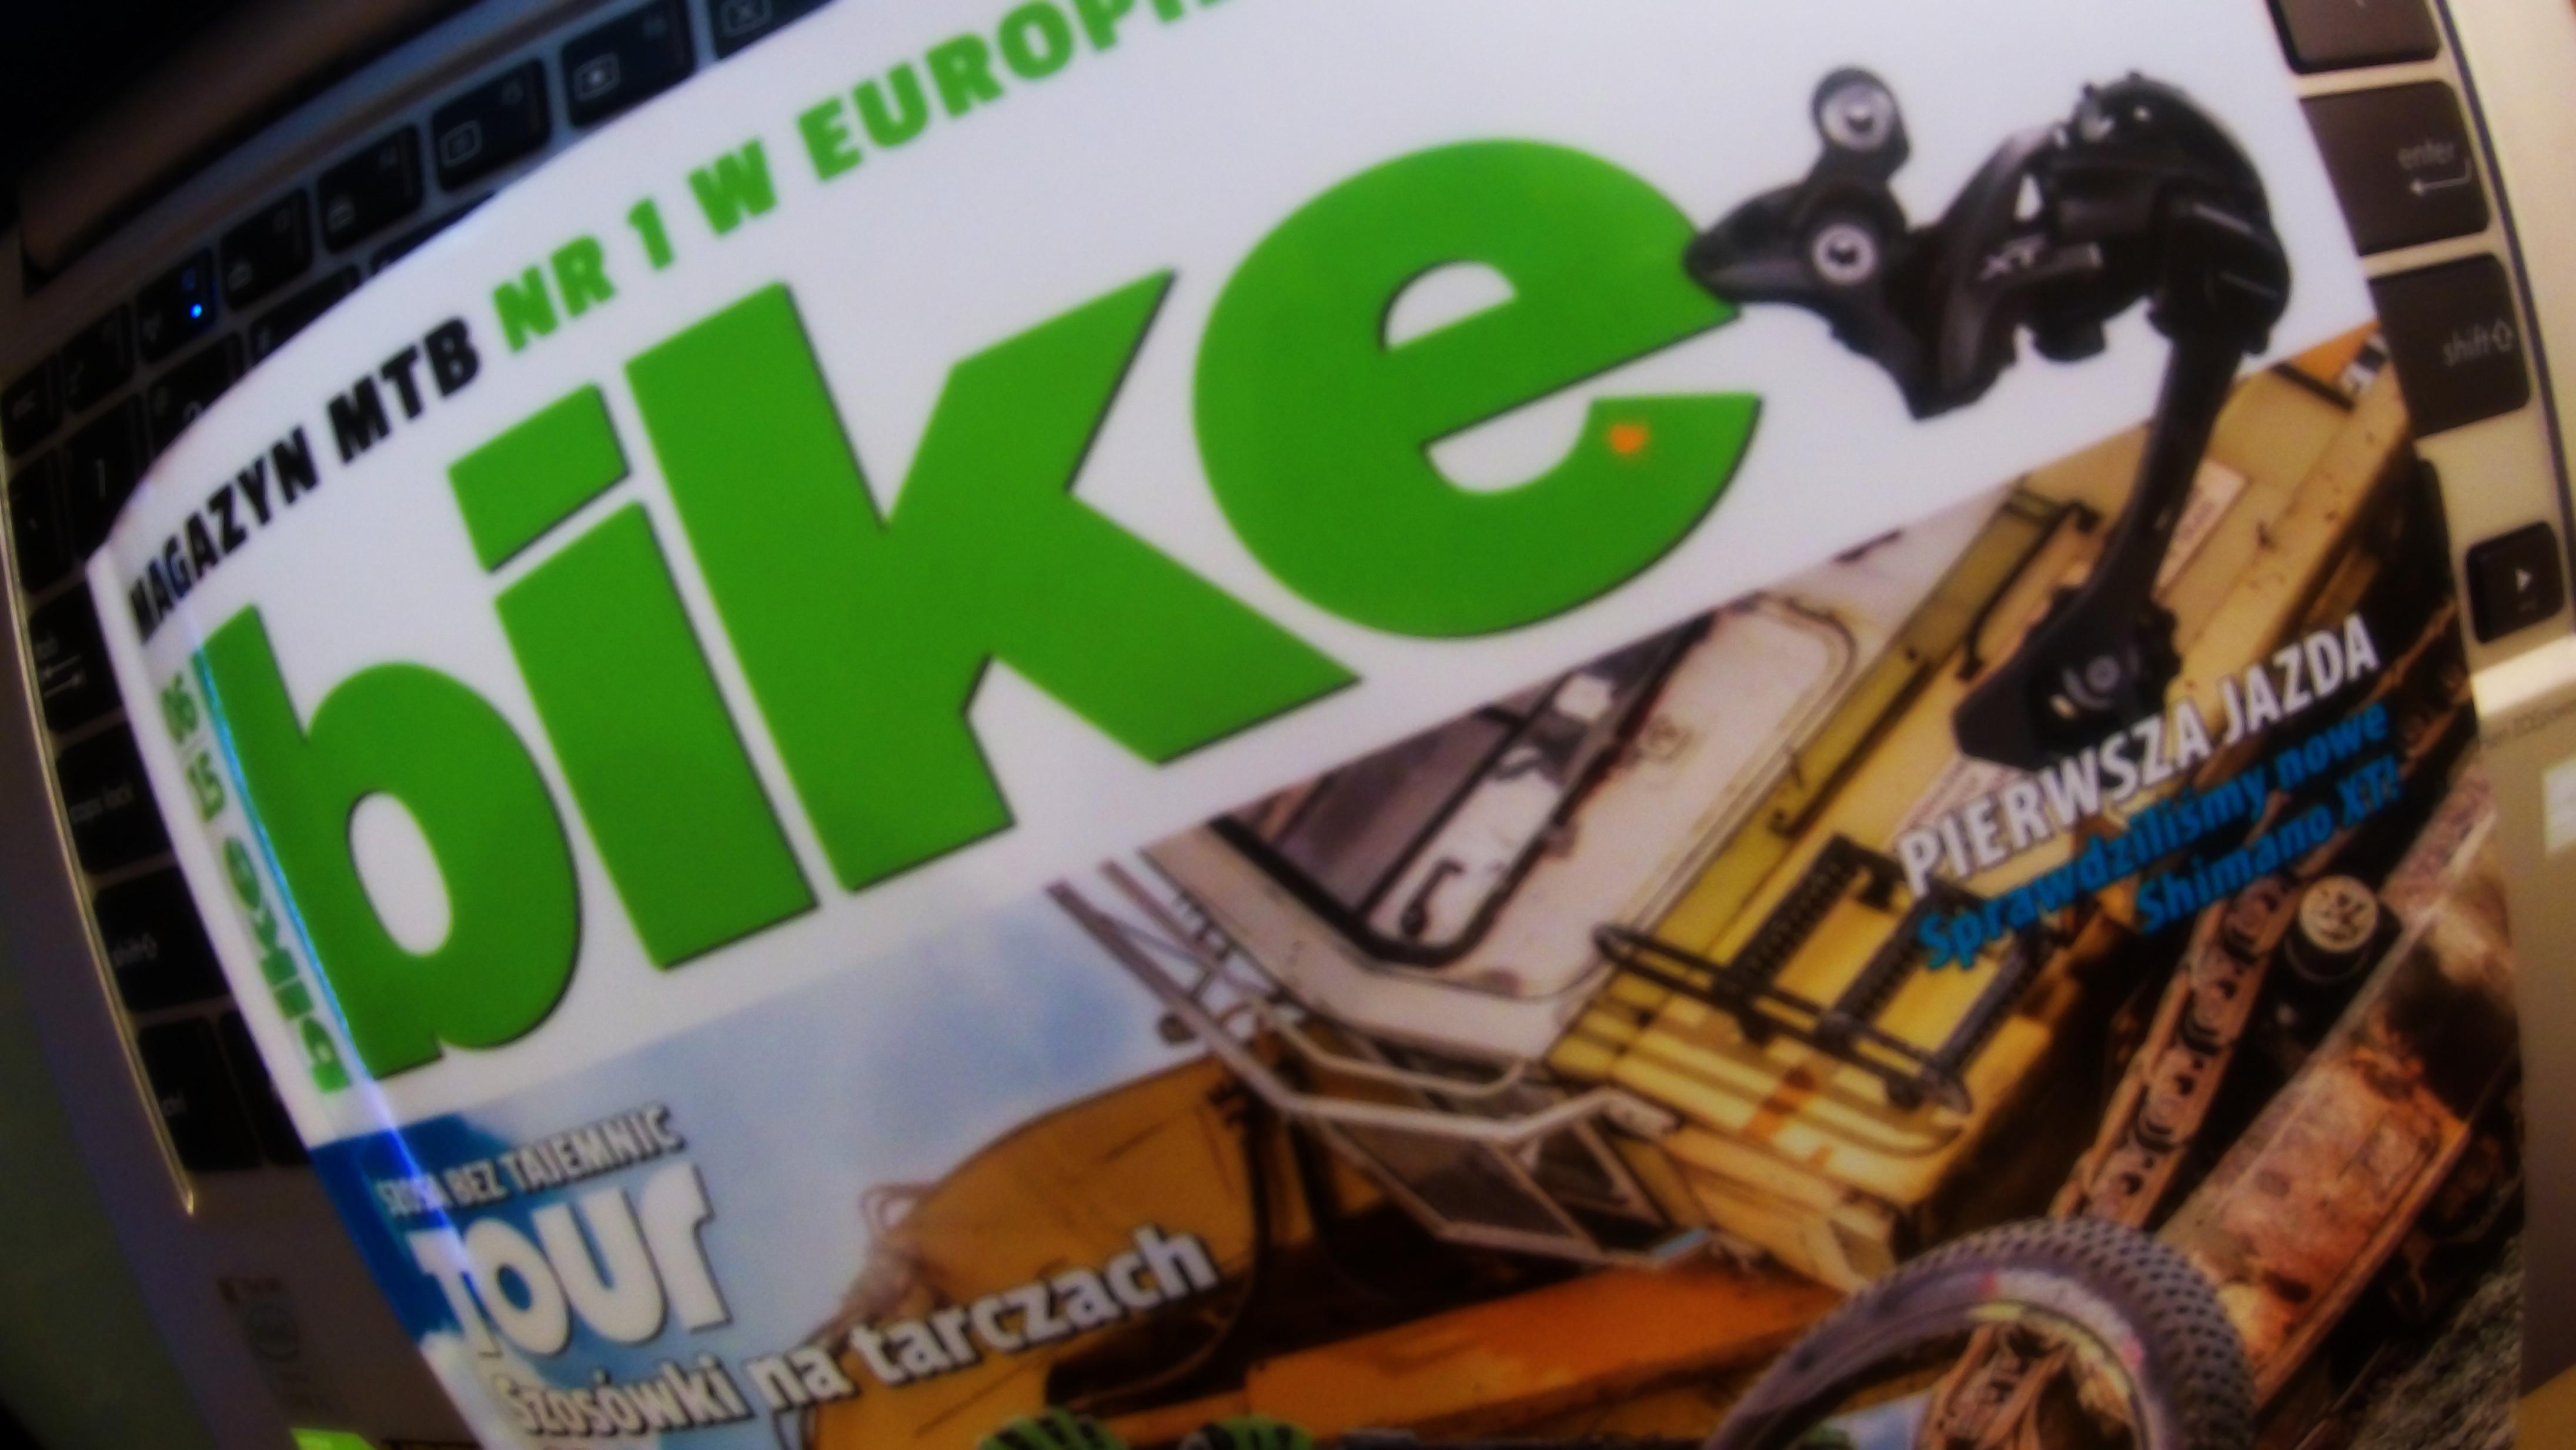 Przegląd prasy – Bike 06/2015